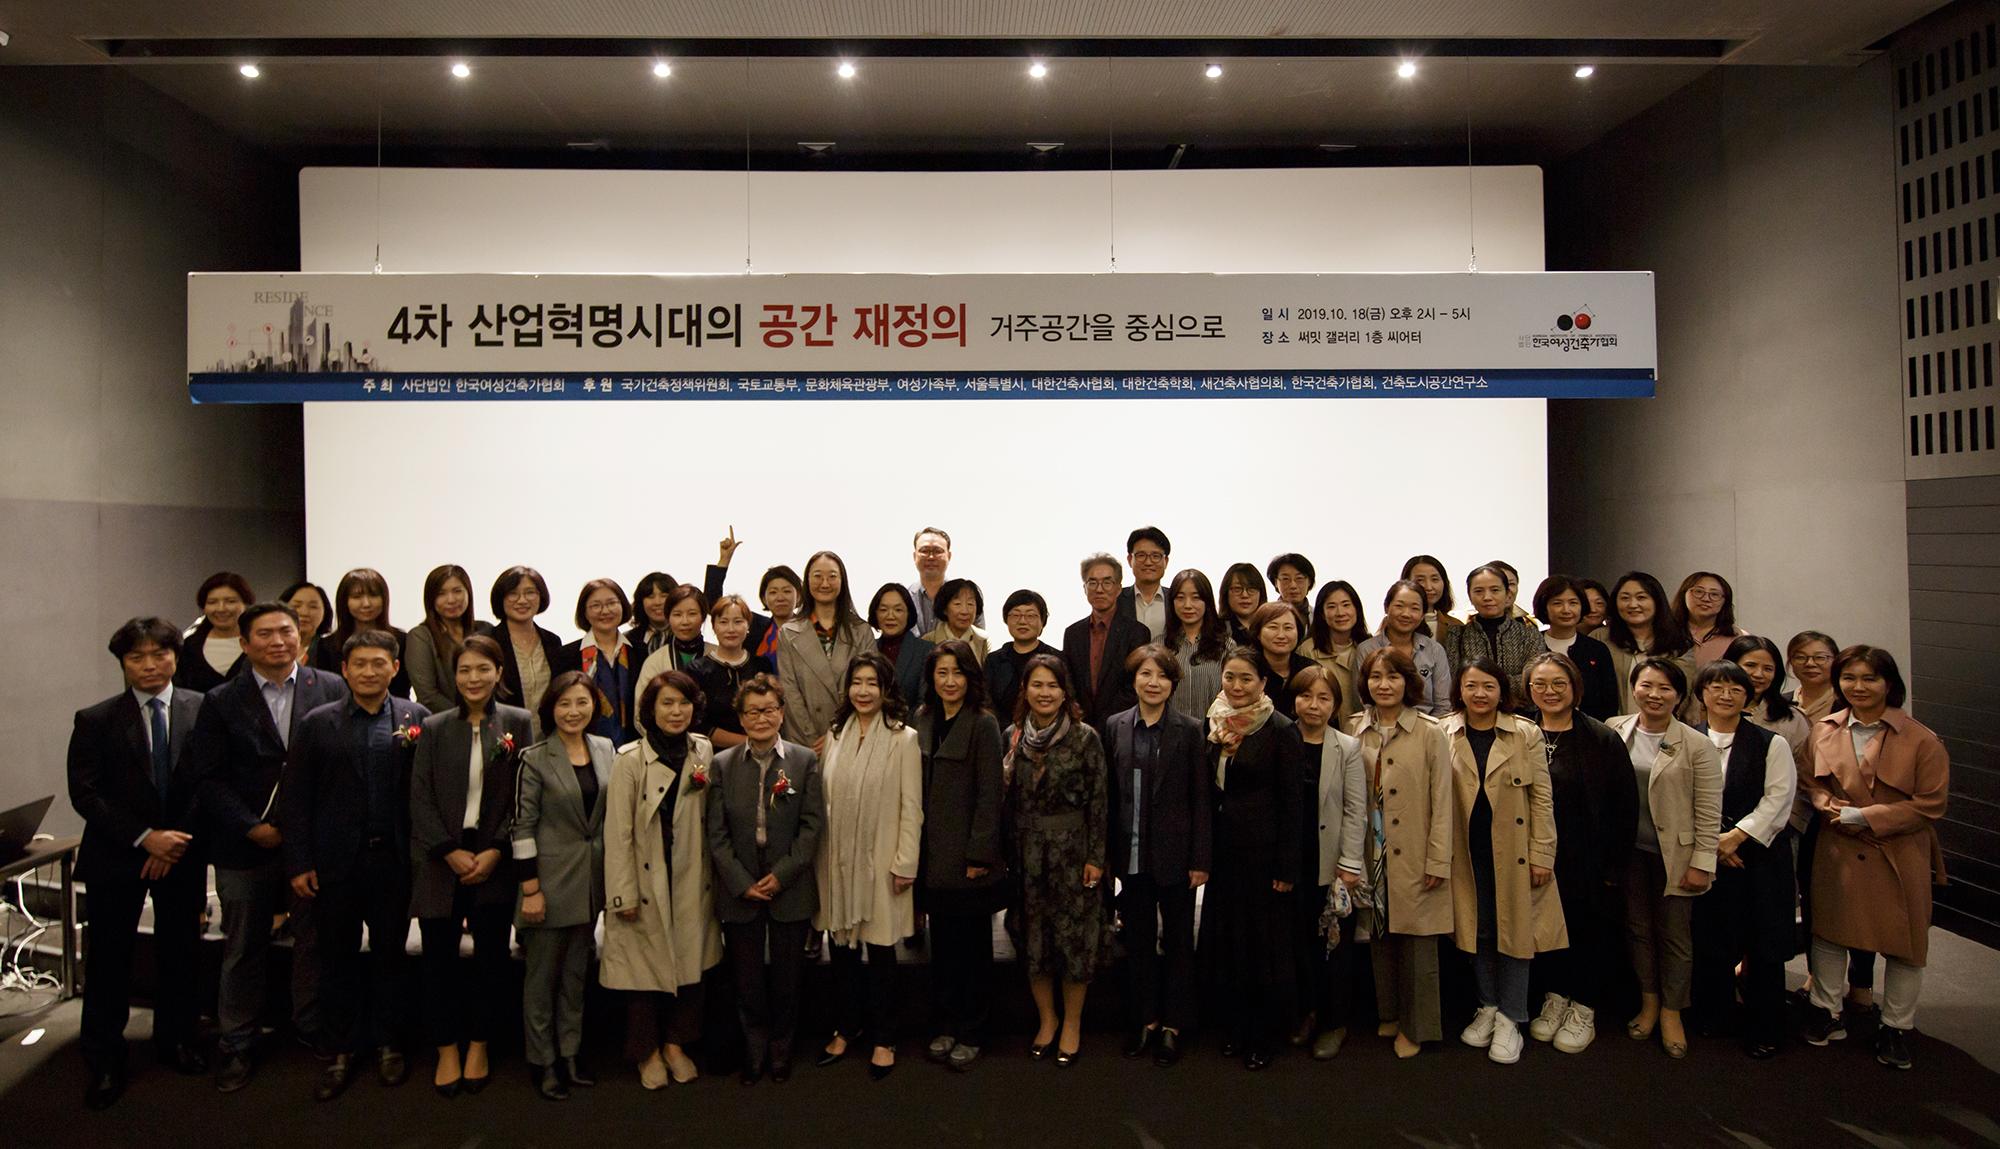 한국여성건축가협회 심포지엄 참석자들이 기념촬영 중이다.jpg